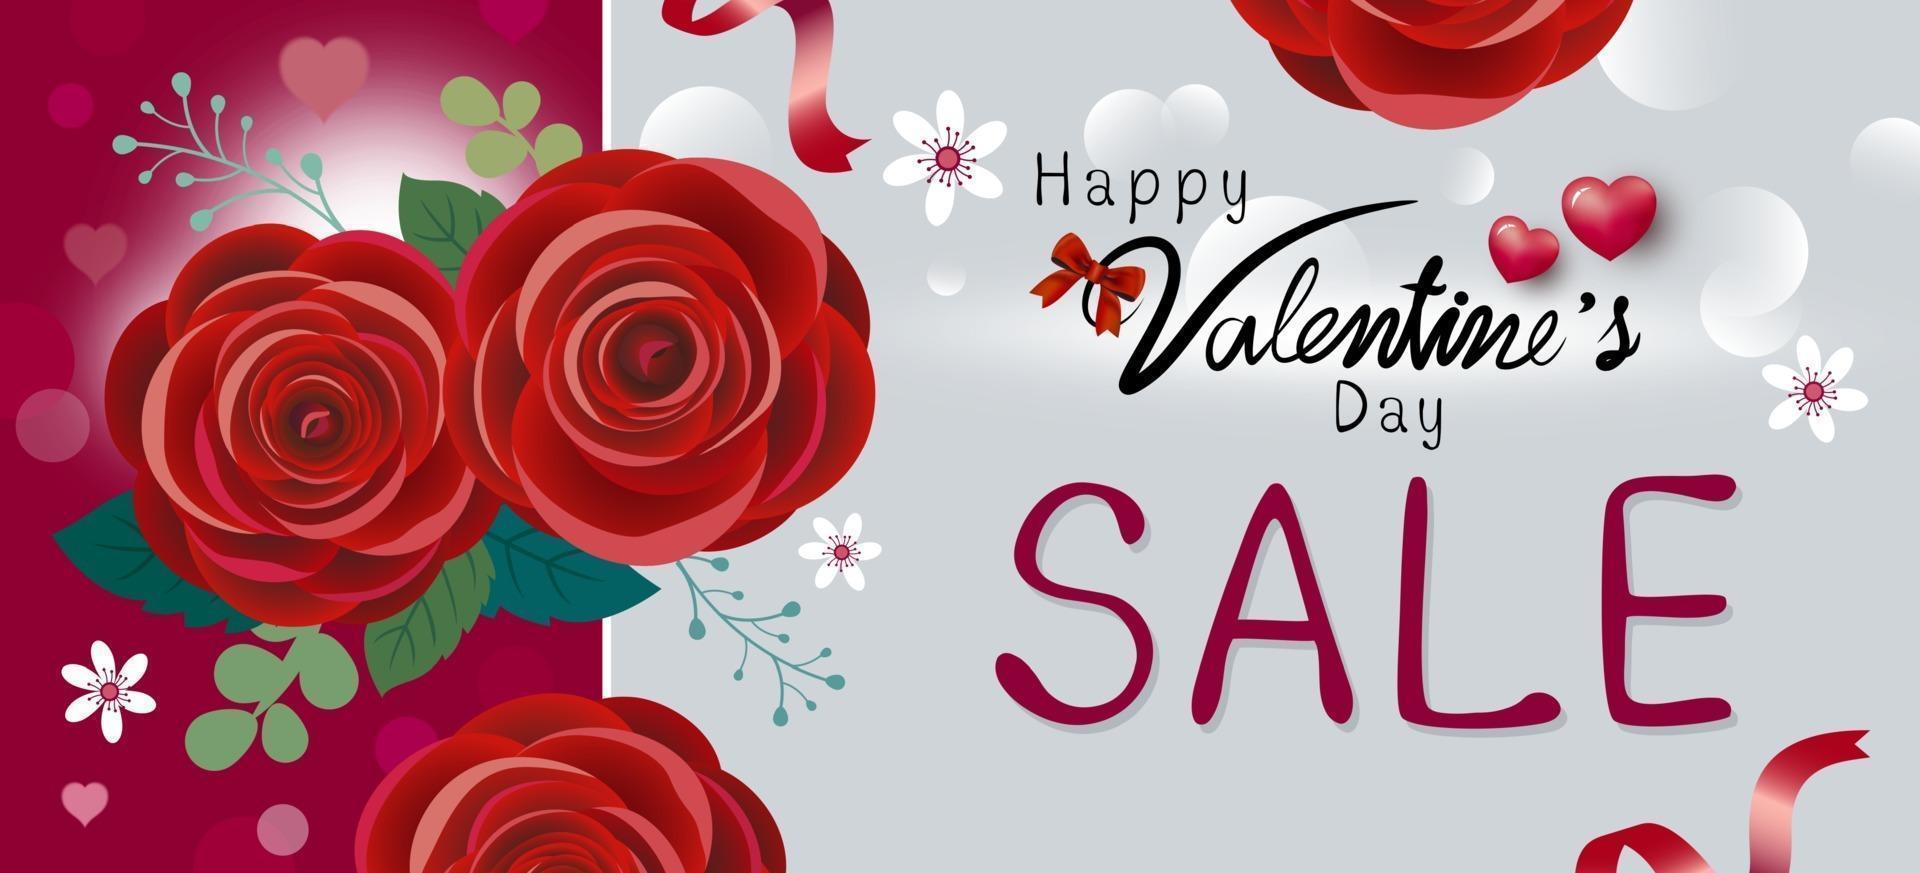 feliz dia dos namorados design de venda de ilustração vetorial de flores rosa vermelha vetor